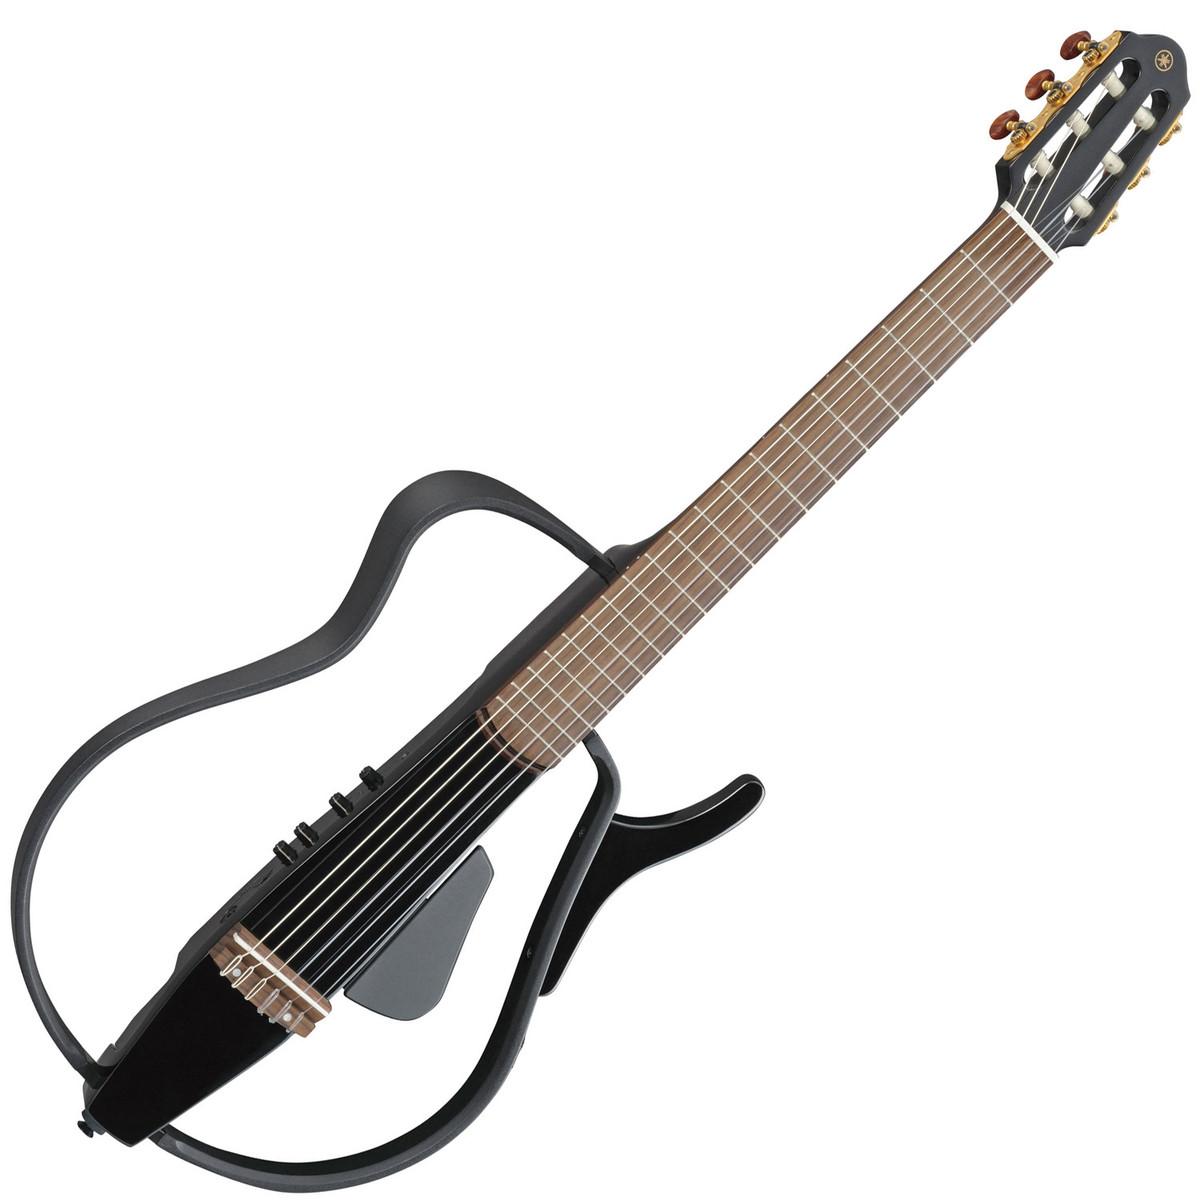 disc yamaha slg110n silent guitar black metallic at. Black Bedroom Furniture Sets. Home Design Ideas